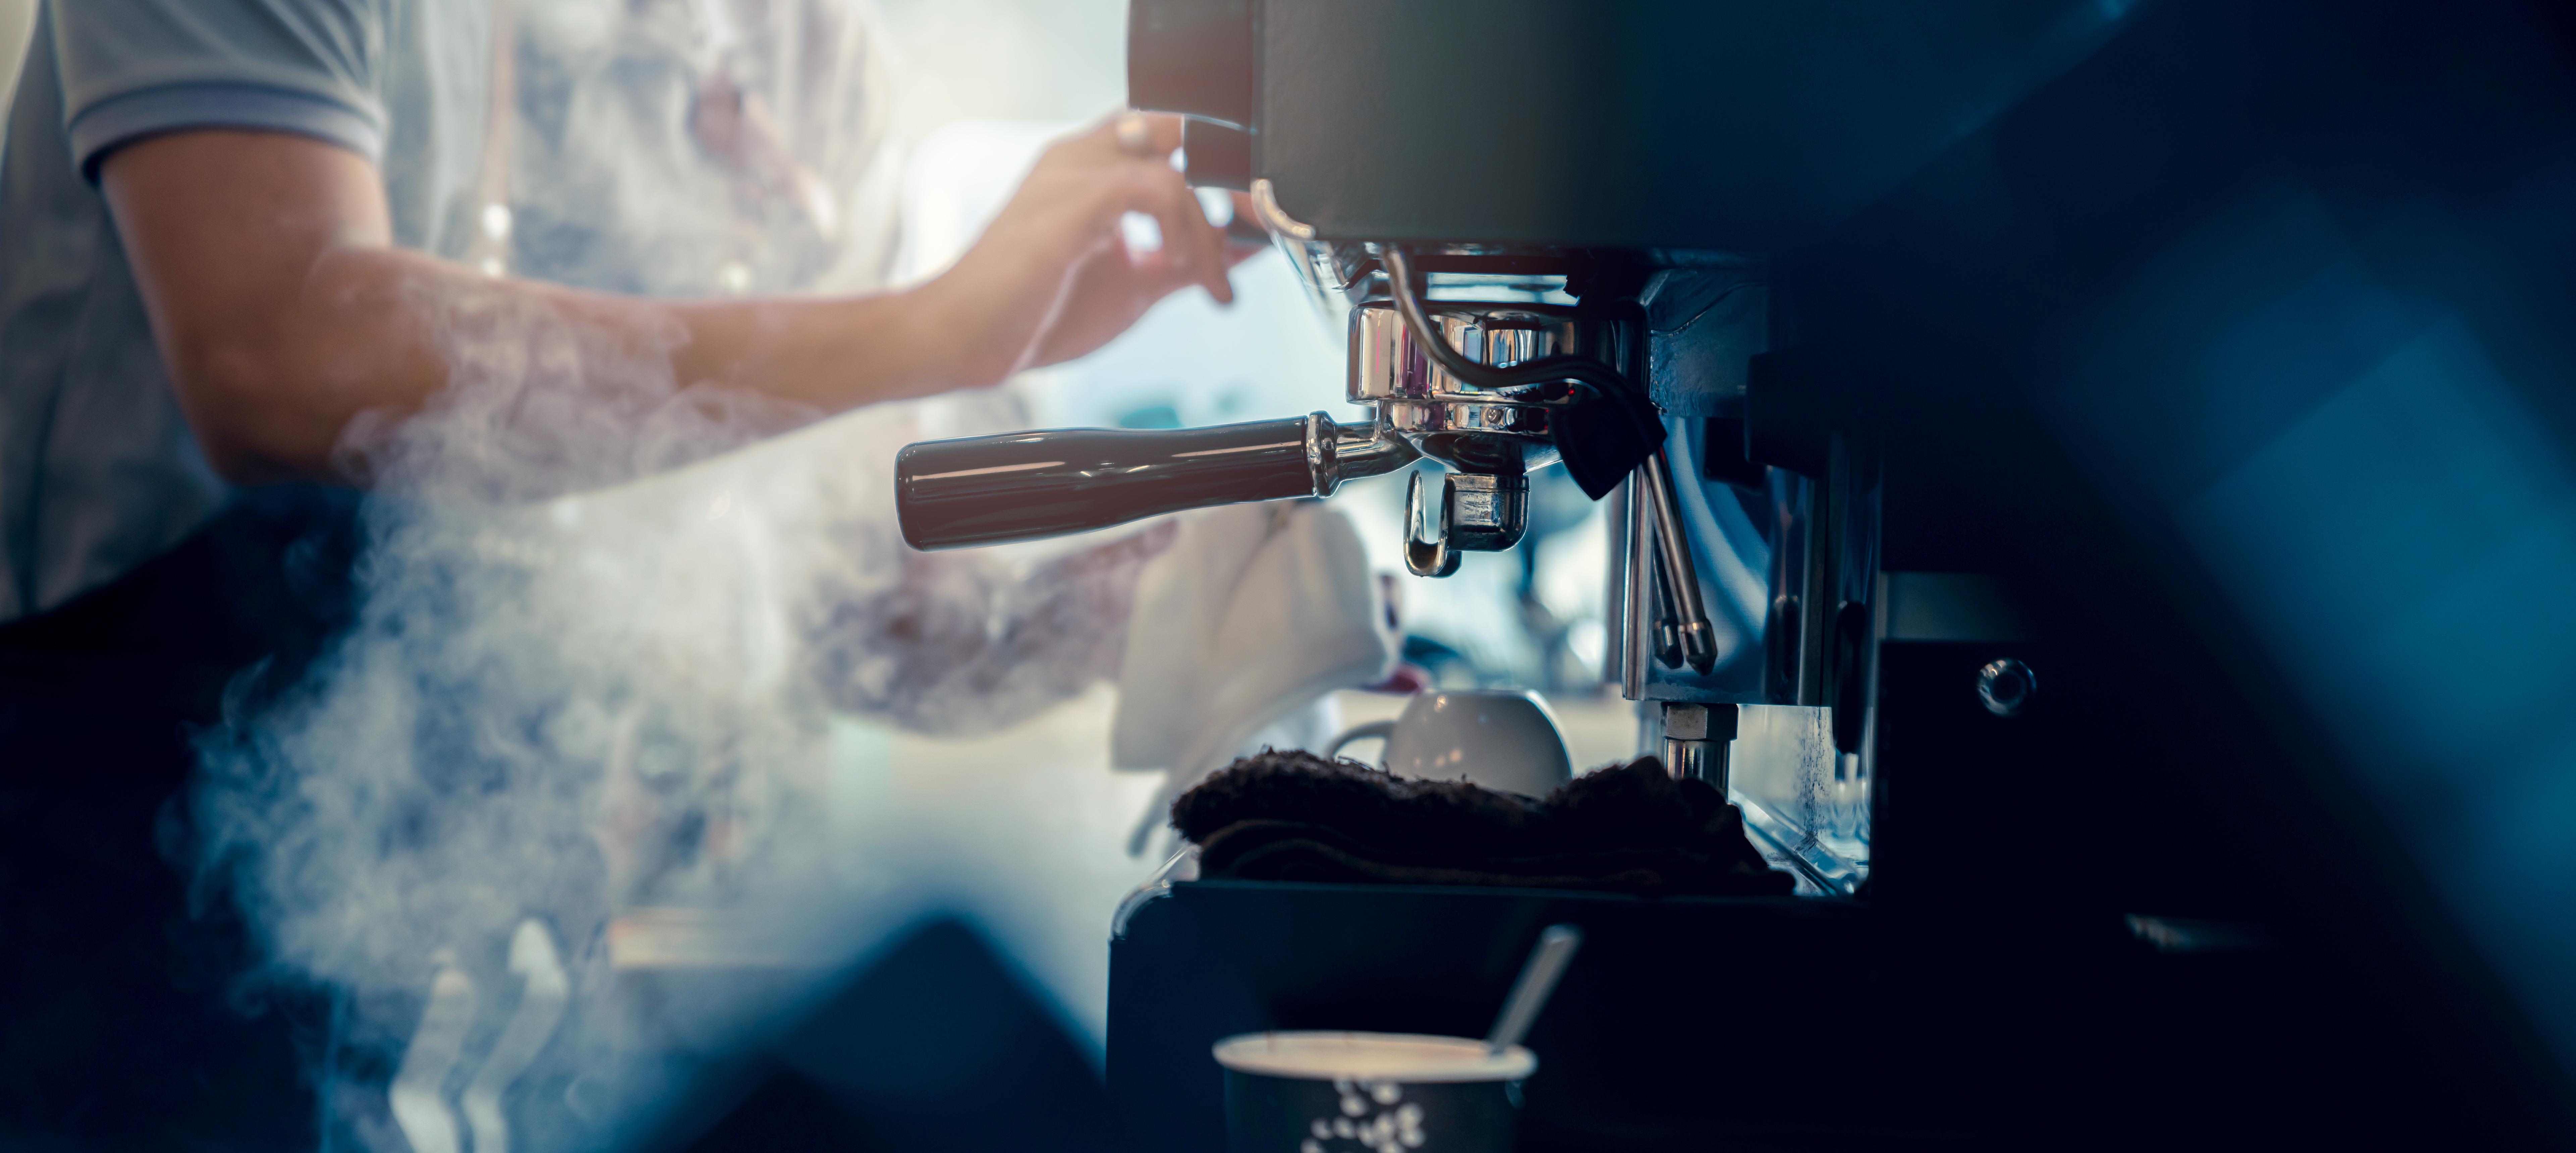 Hands working an espresso machine.